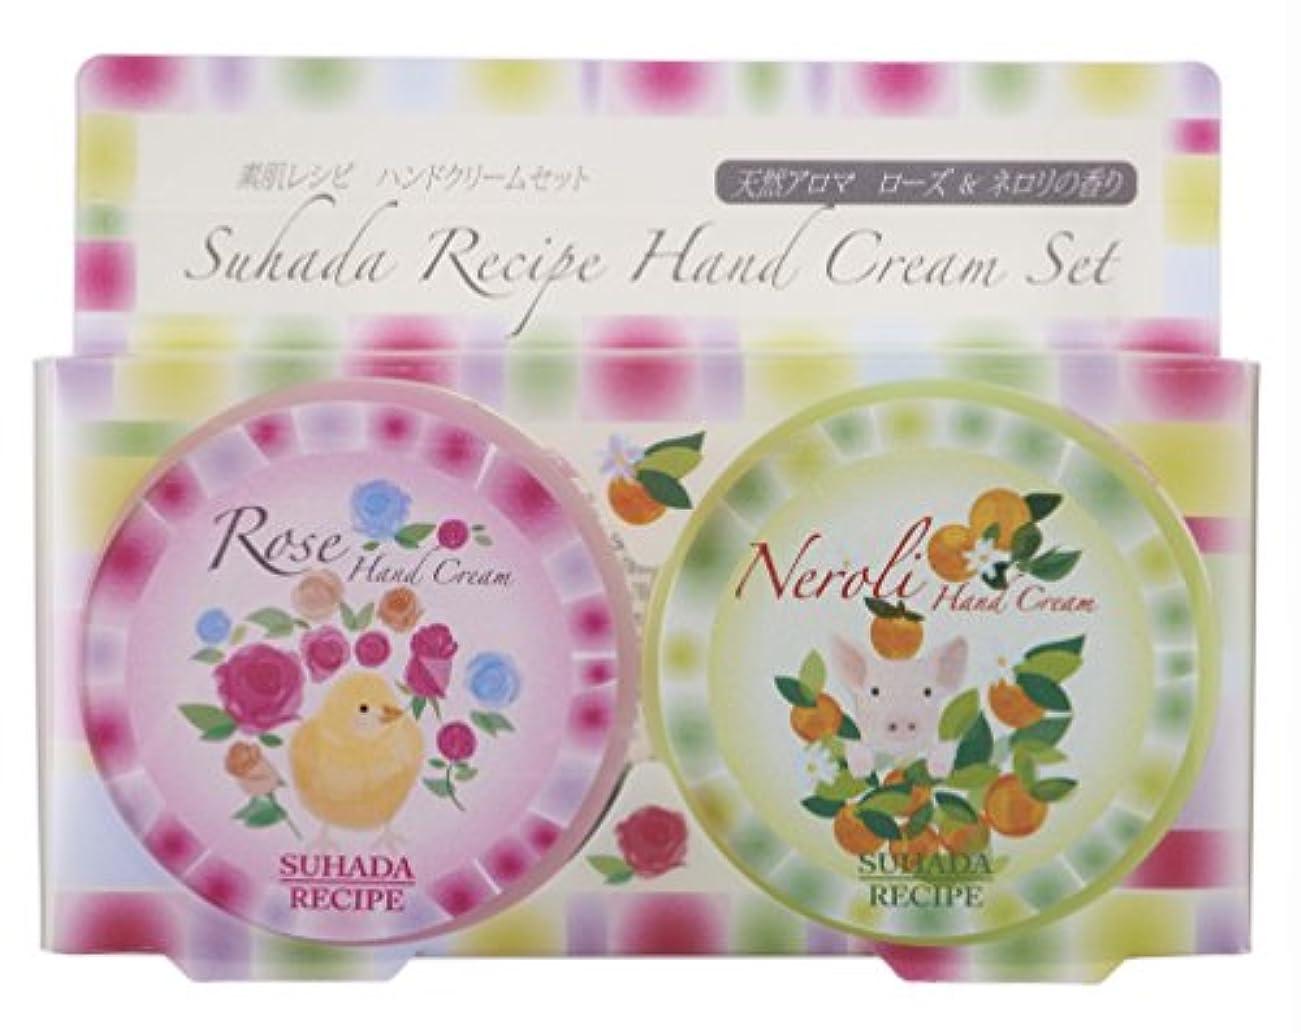 賞賛する染料安息パックスナチュロン 素肌レシピ ハンドクリーム ローズ&ネロリ 20g×2種